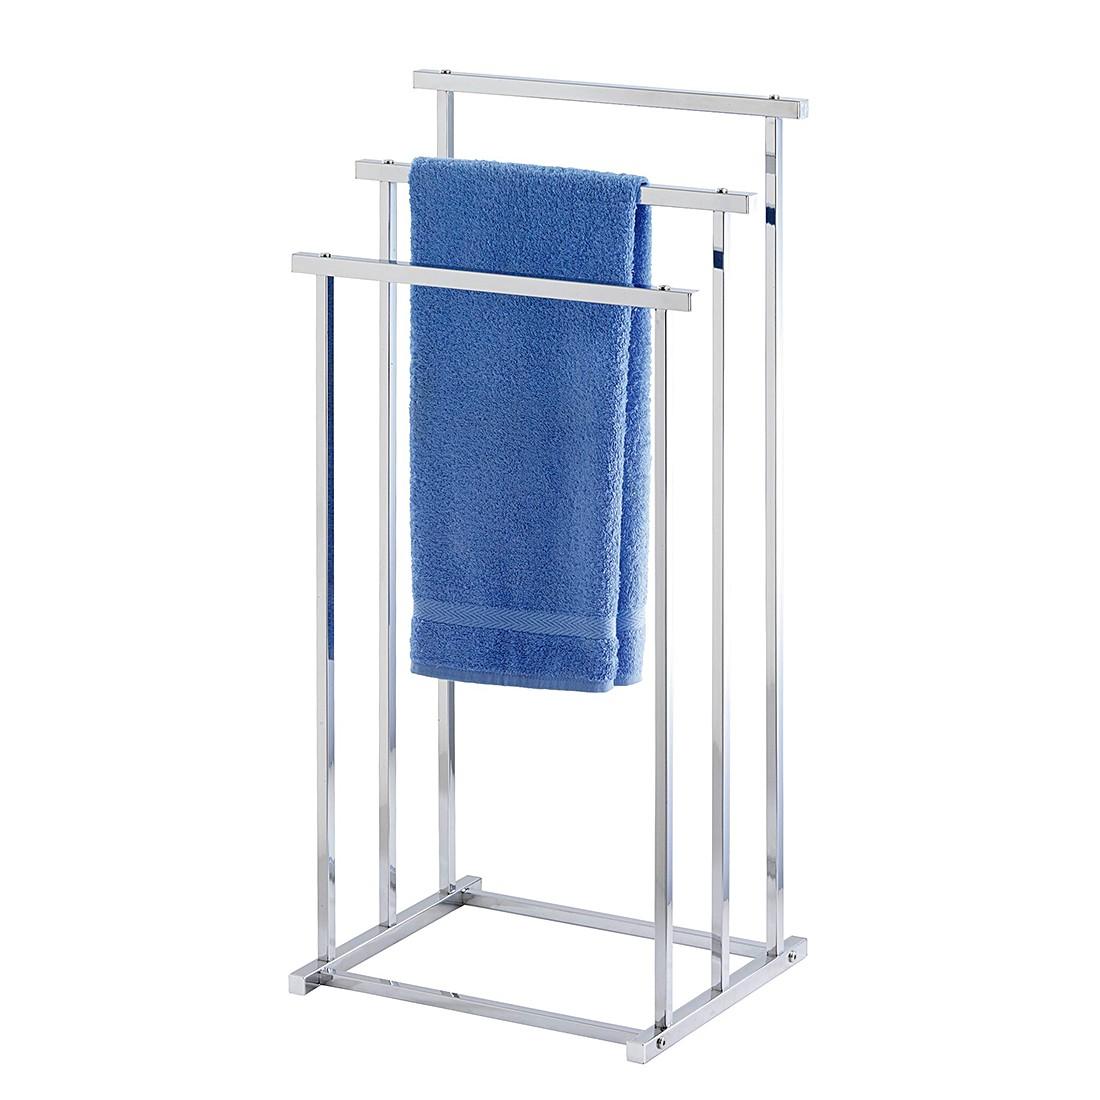 Siemens porta trasparente quadro elettrico alpha 630 - Altezza porta asciugamani ...